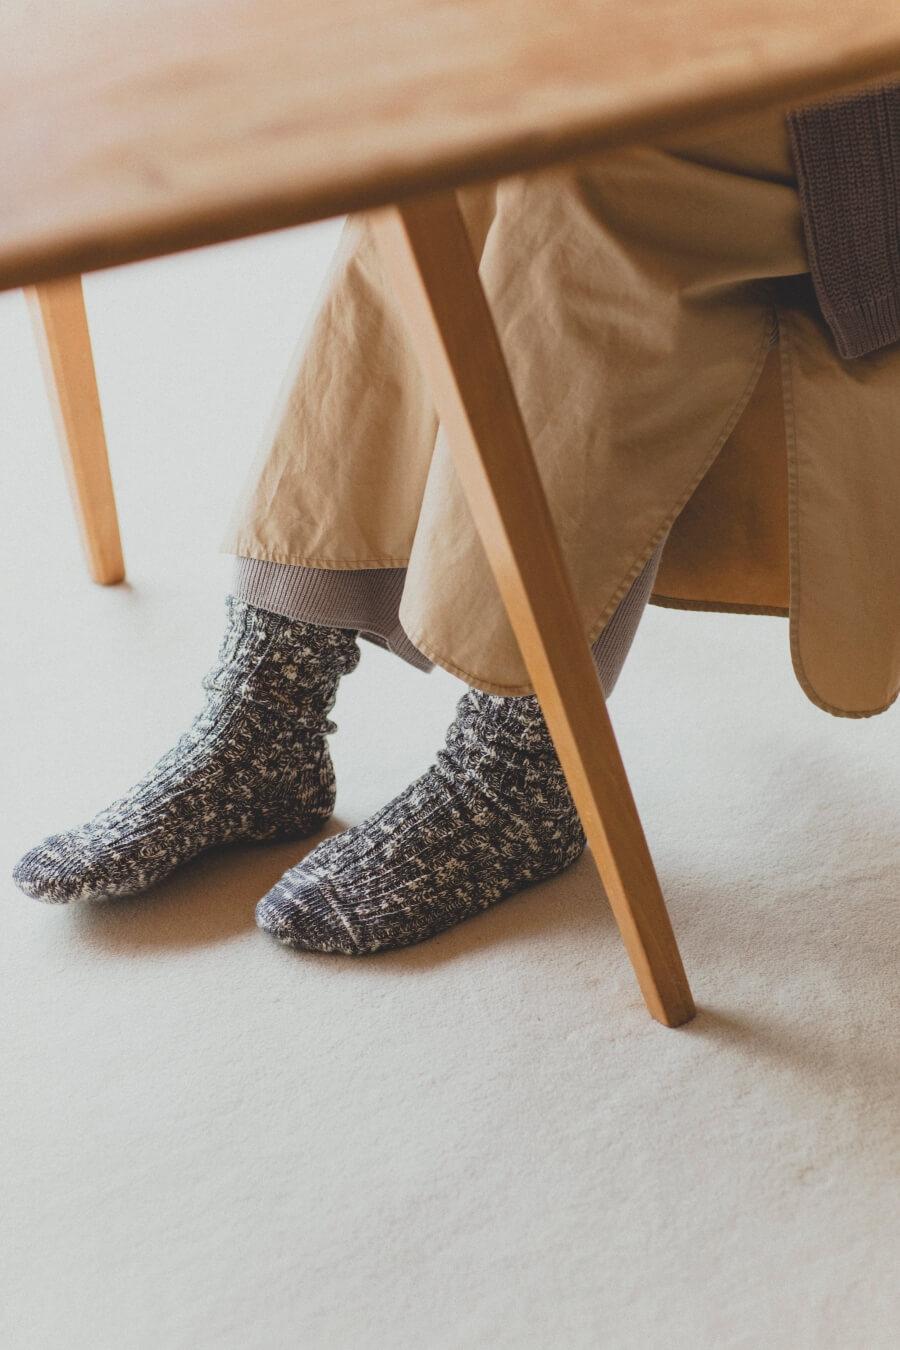 当たりつきギフト専用靴下のLUCKY SOCKS(ラッキーソックス)のMix Rib Socks(ミックスリブソックス)のダークグレー_image2